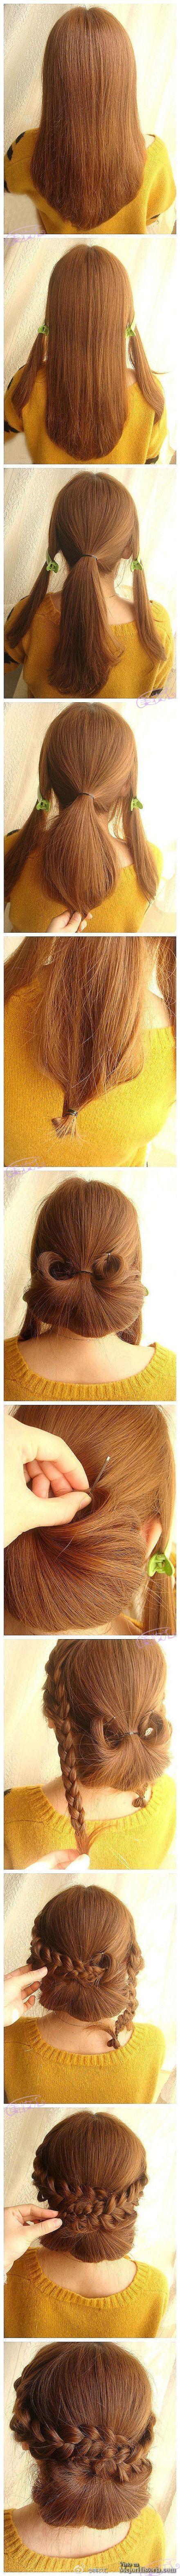 Peinados paso a paso para estar siempre guapisimas  20 peinados muy bien explicados, que pueden ir genial para en cualquier ocasión poder ir bien a... Ver mas: http://www.mejorhistoria.com/peinados-paso-a-paso-ocasiones/